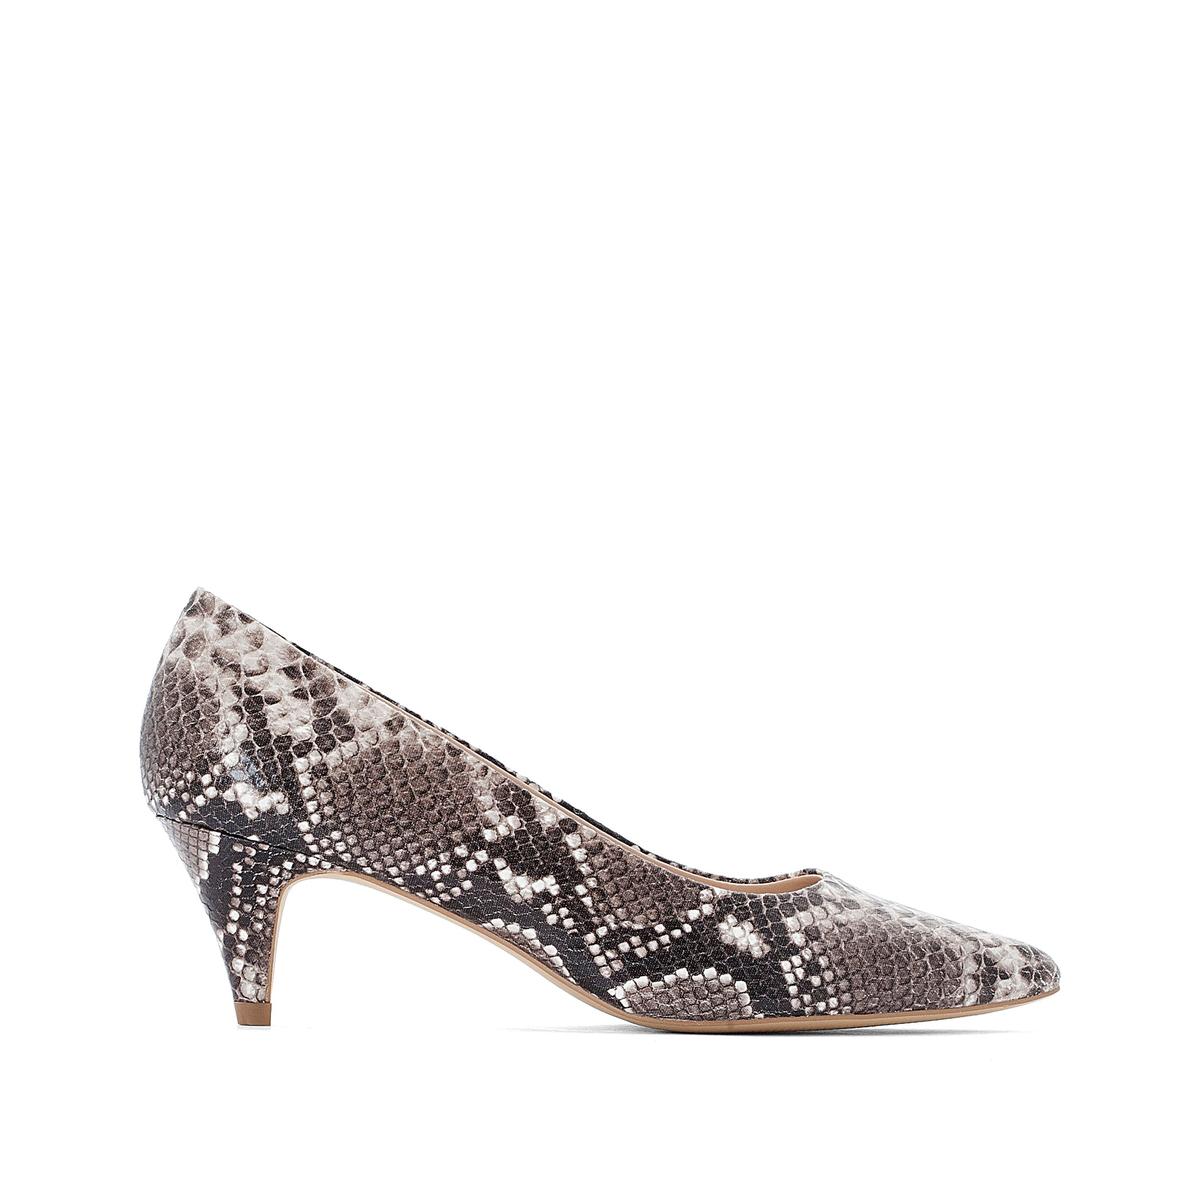 Туфли La Redoute На среднем каблуке с питоновым принтом 40 каштановый туфли indiana туфли на среднем каблуке